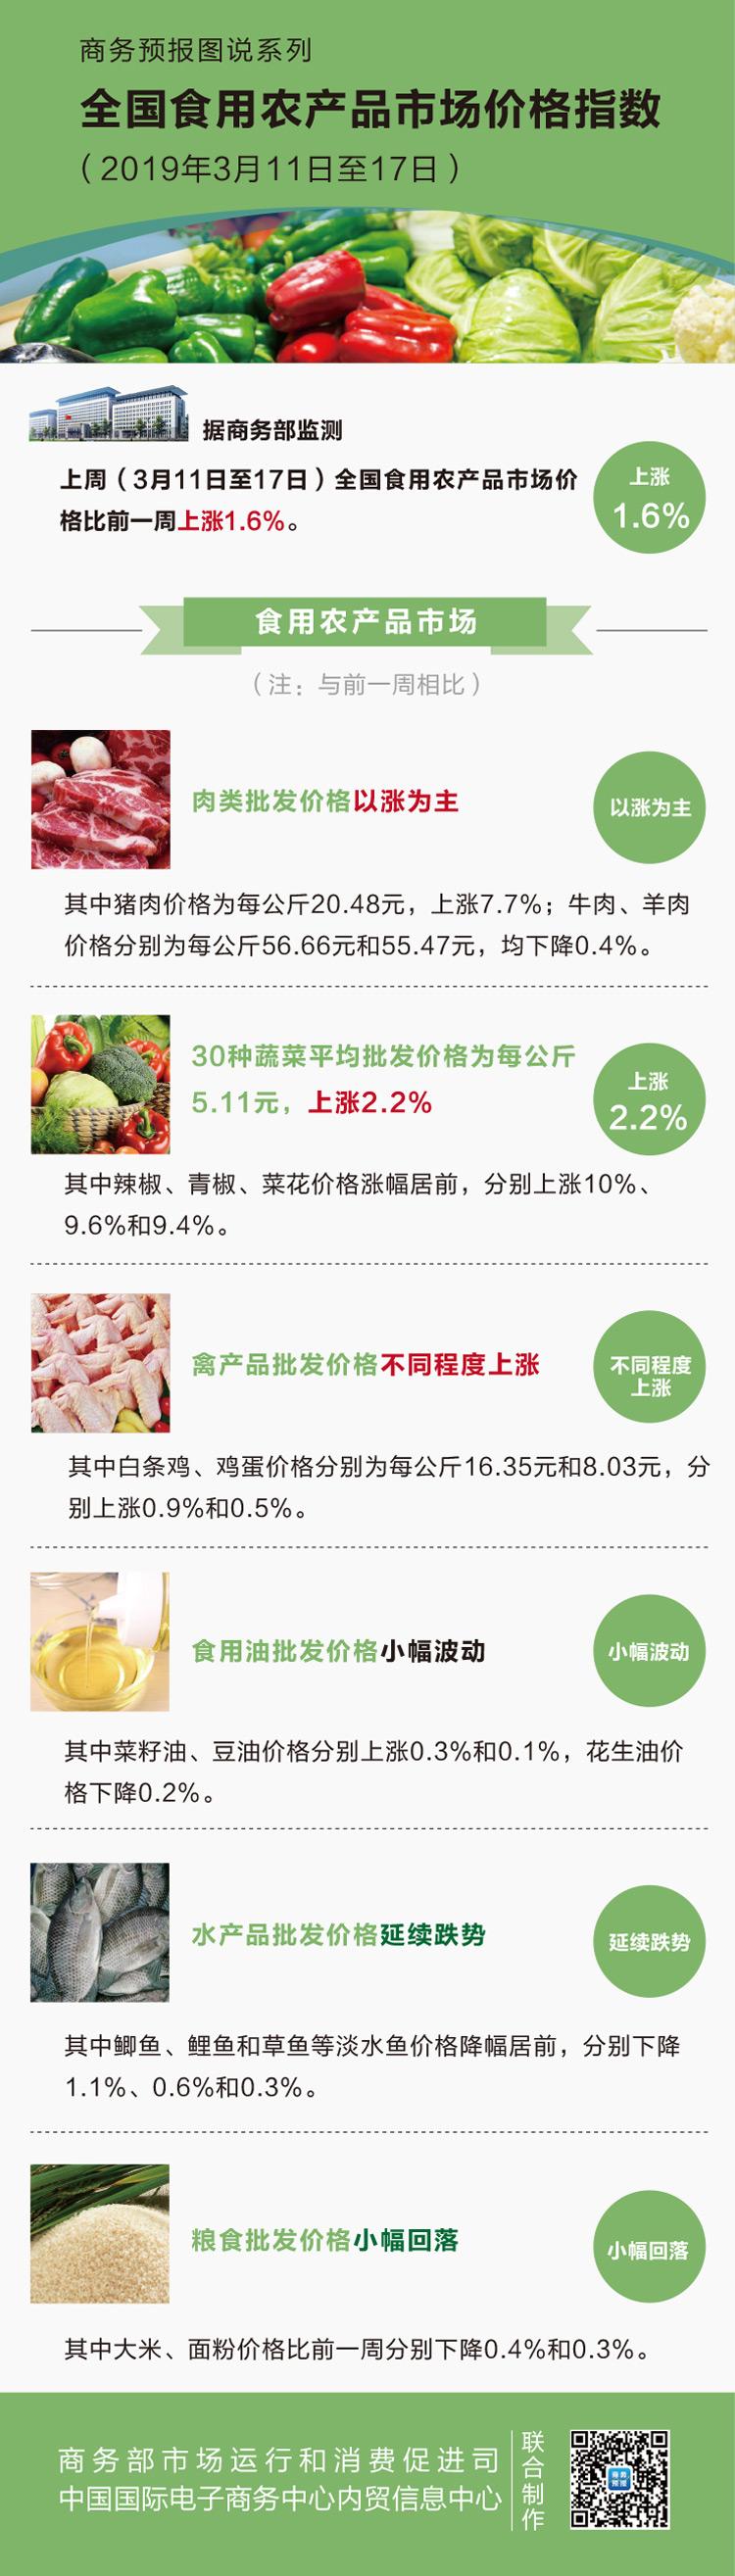 上周食用农产品价格继续回升 生产资料价格小幅上涨